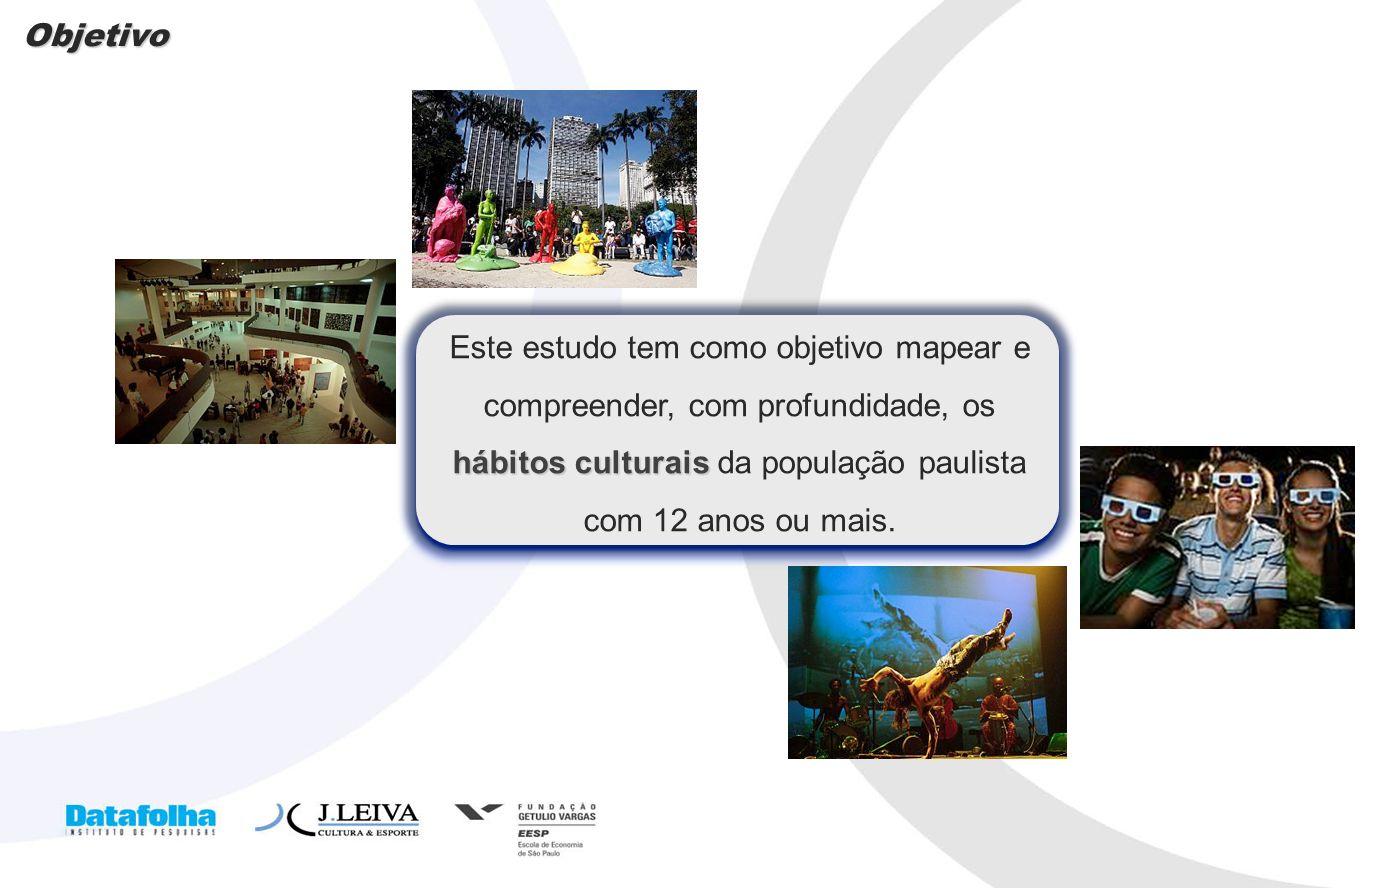 Objetivo Este estudo tem como objetivo mapear e compreender, com profundidade, os hábitos culturais da população paulista com 12 anos ou mais.